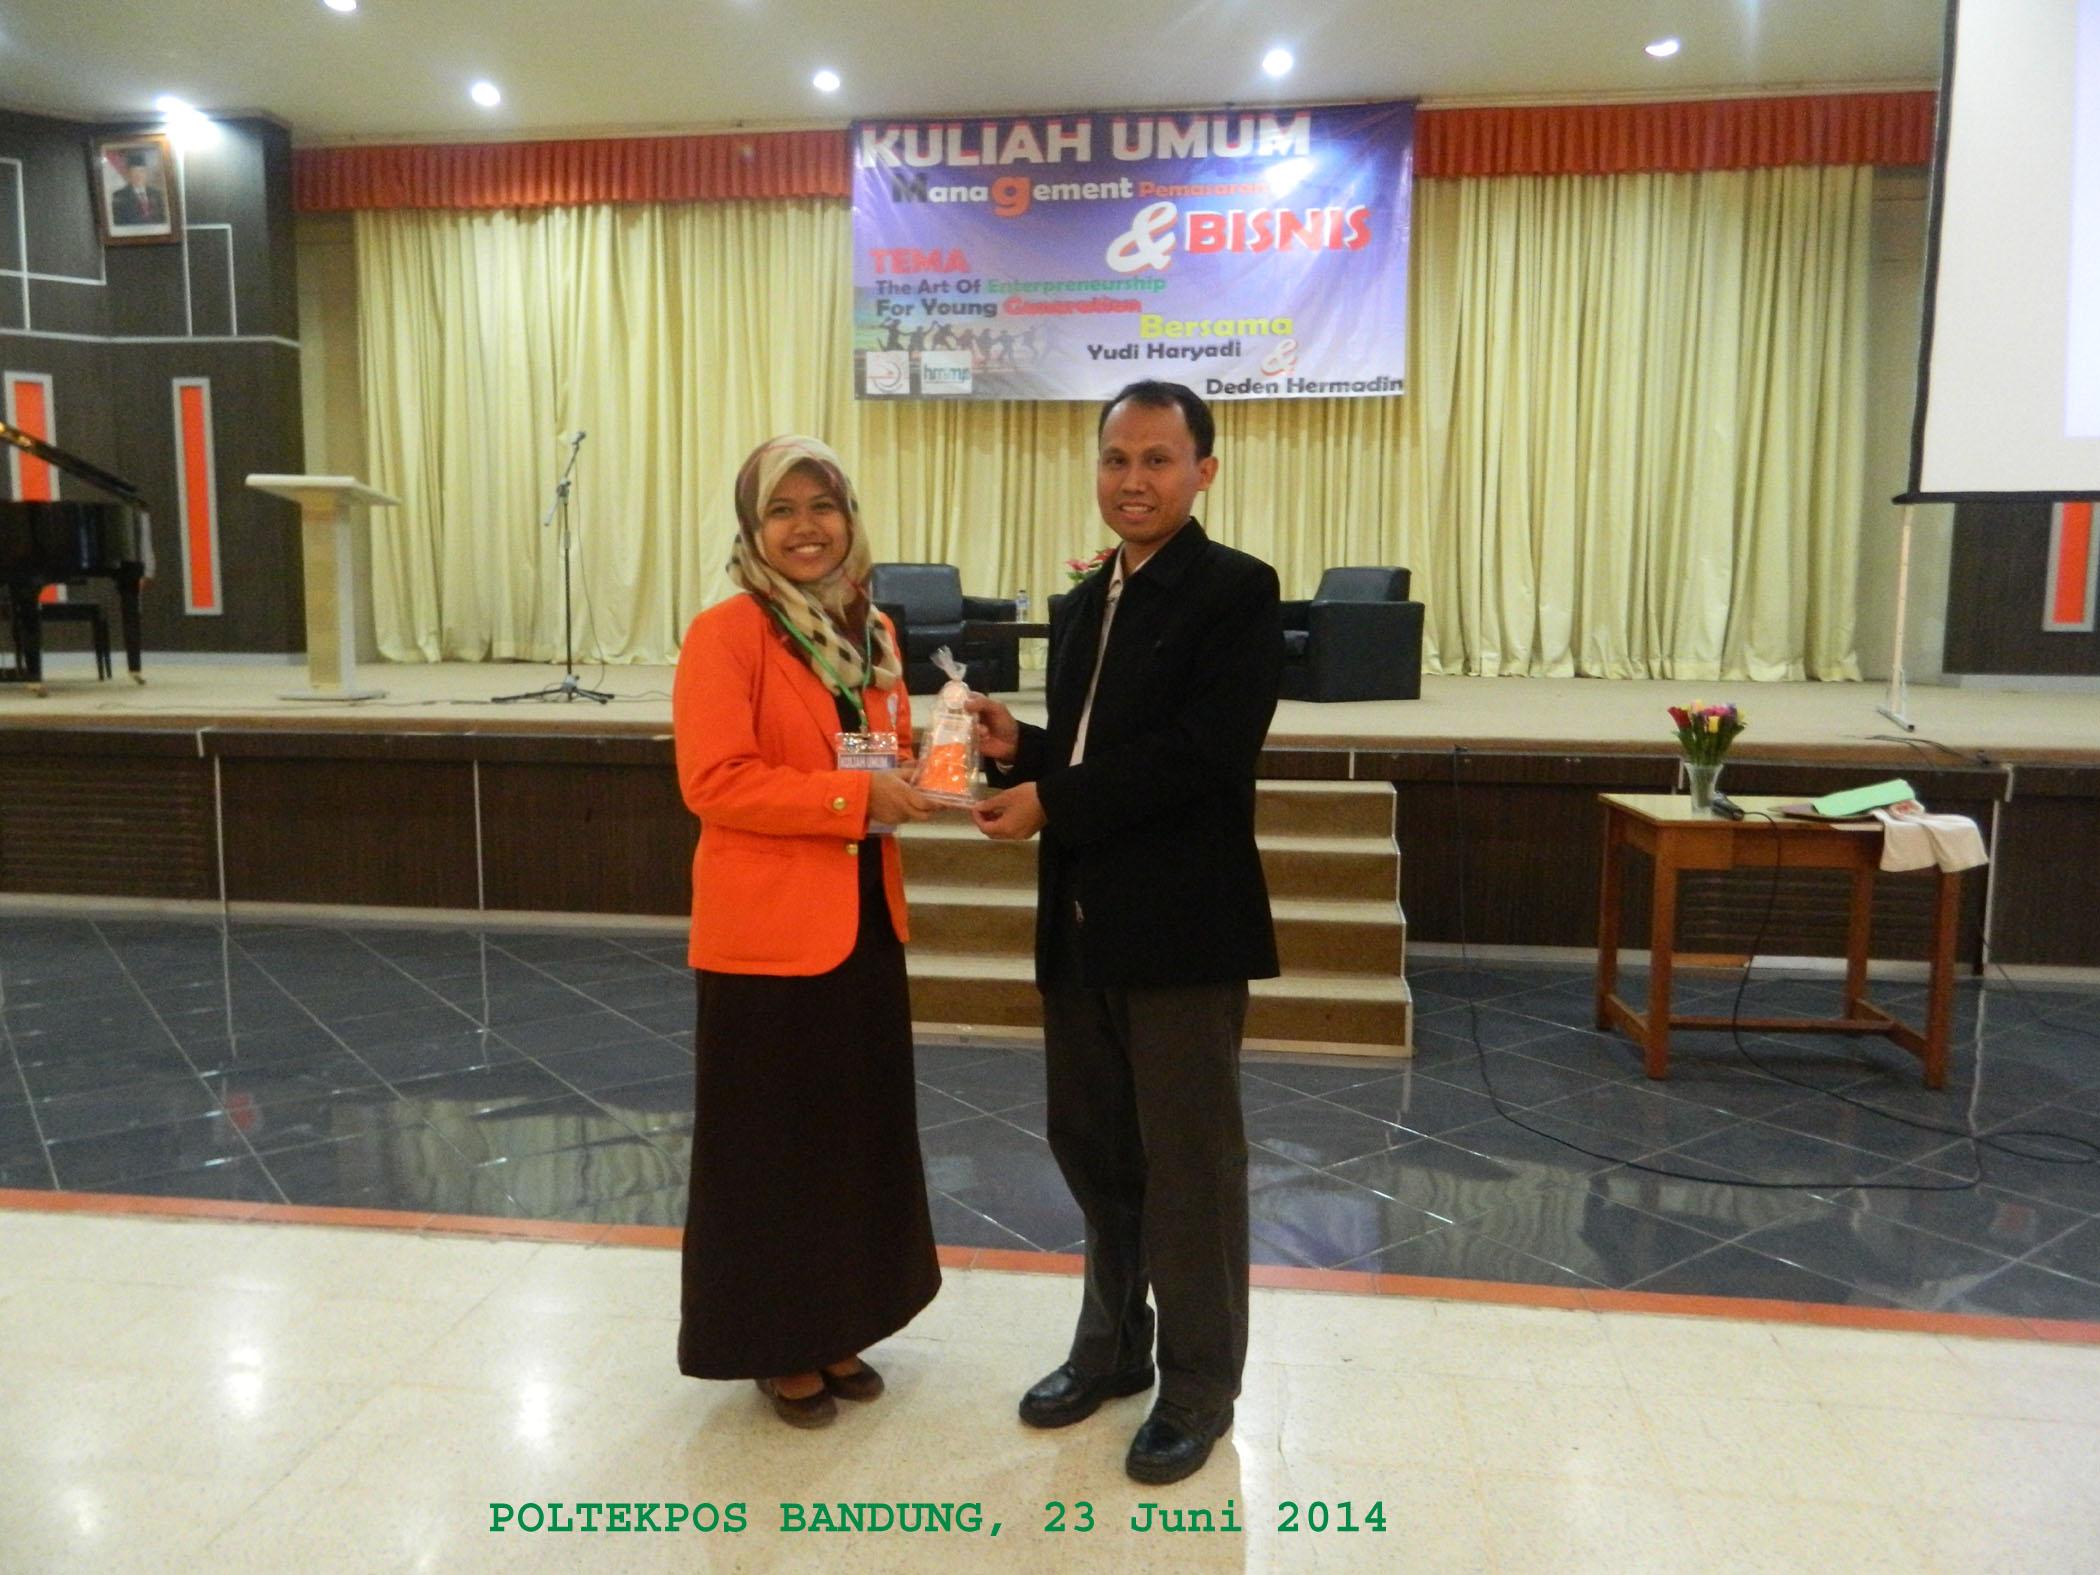 Penerimaan Cenderamata setelah mengisi Kuliah Umum di PoltekPos Bandung